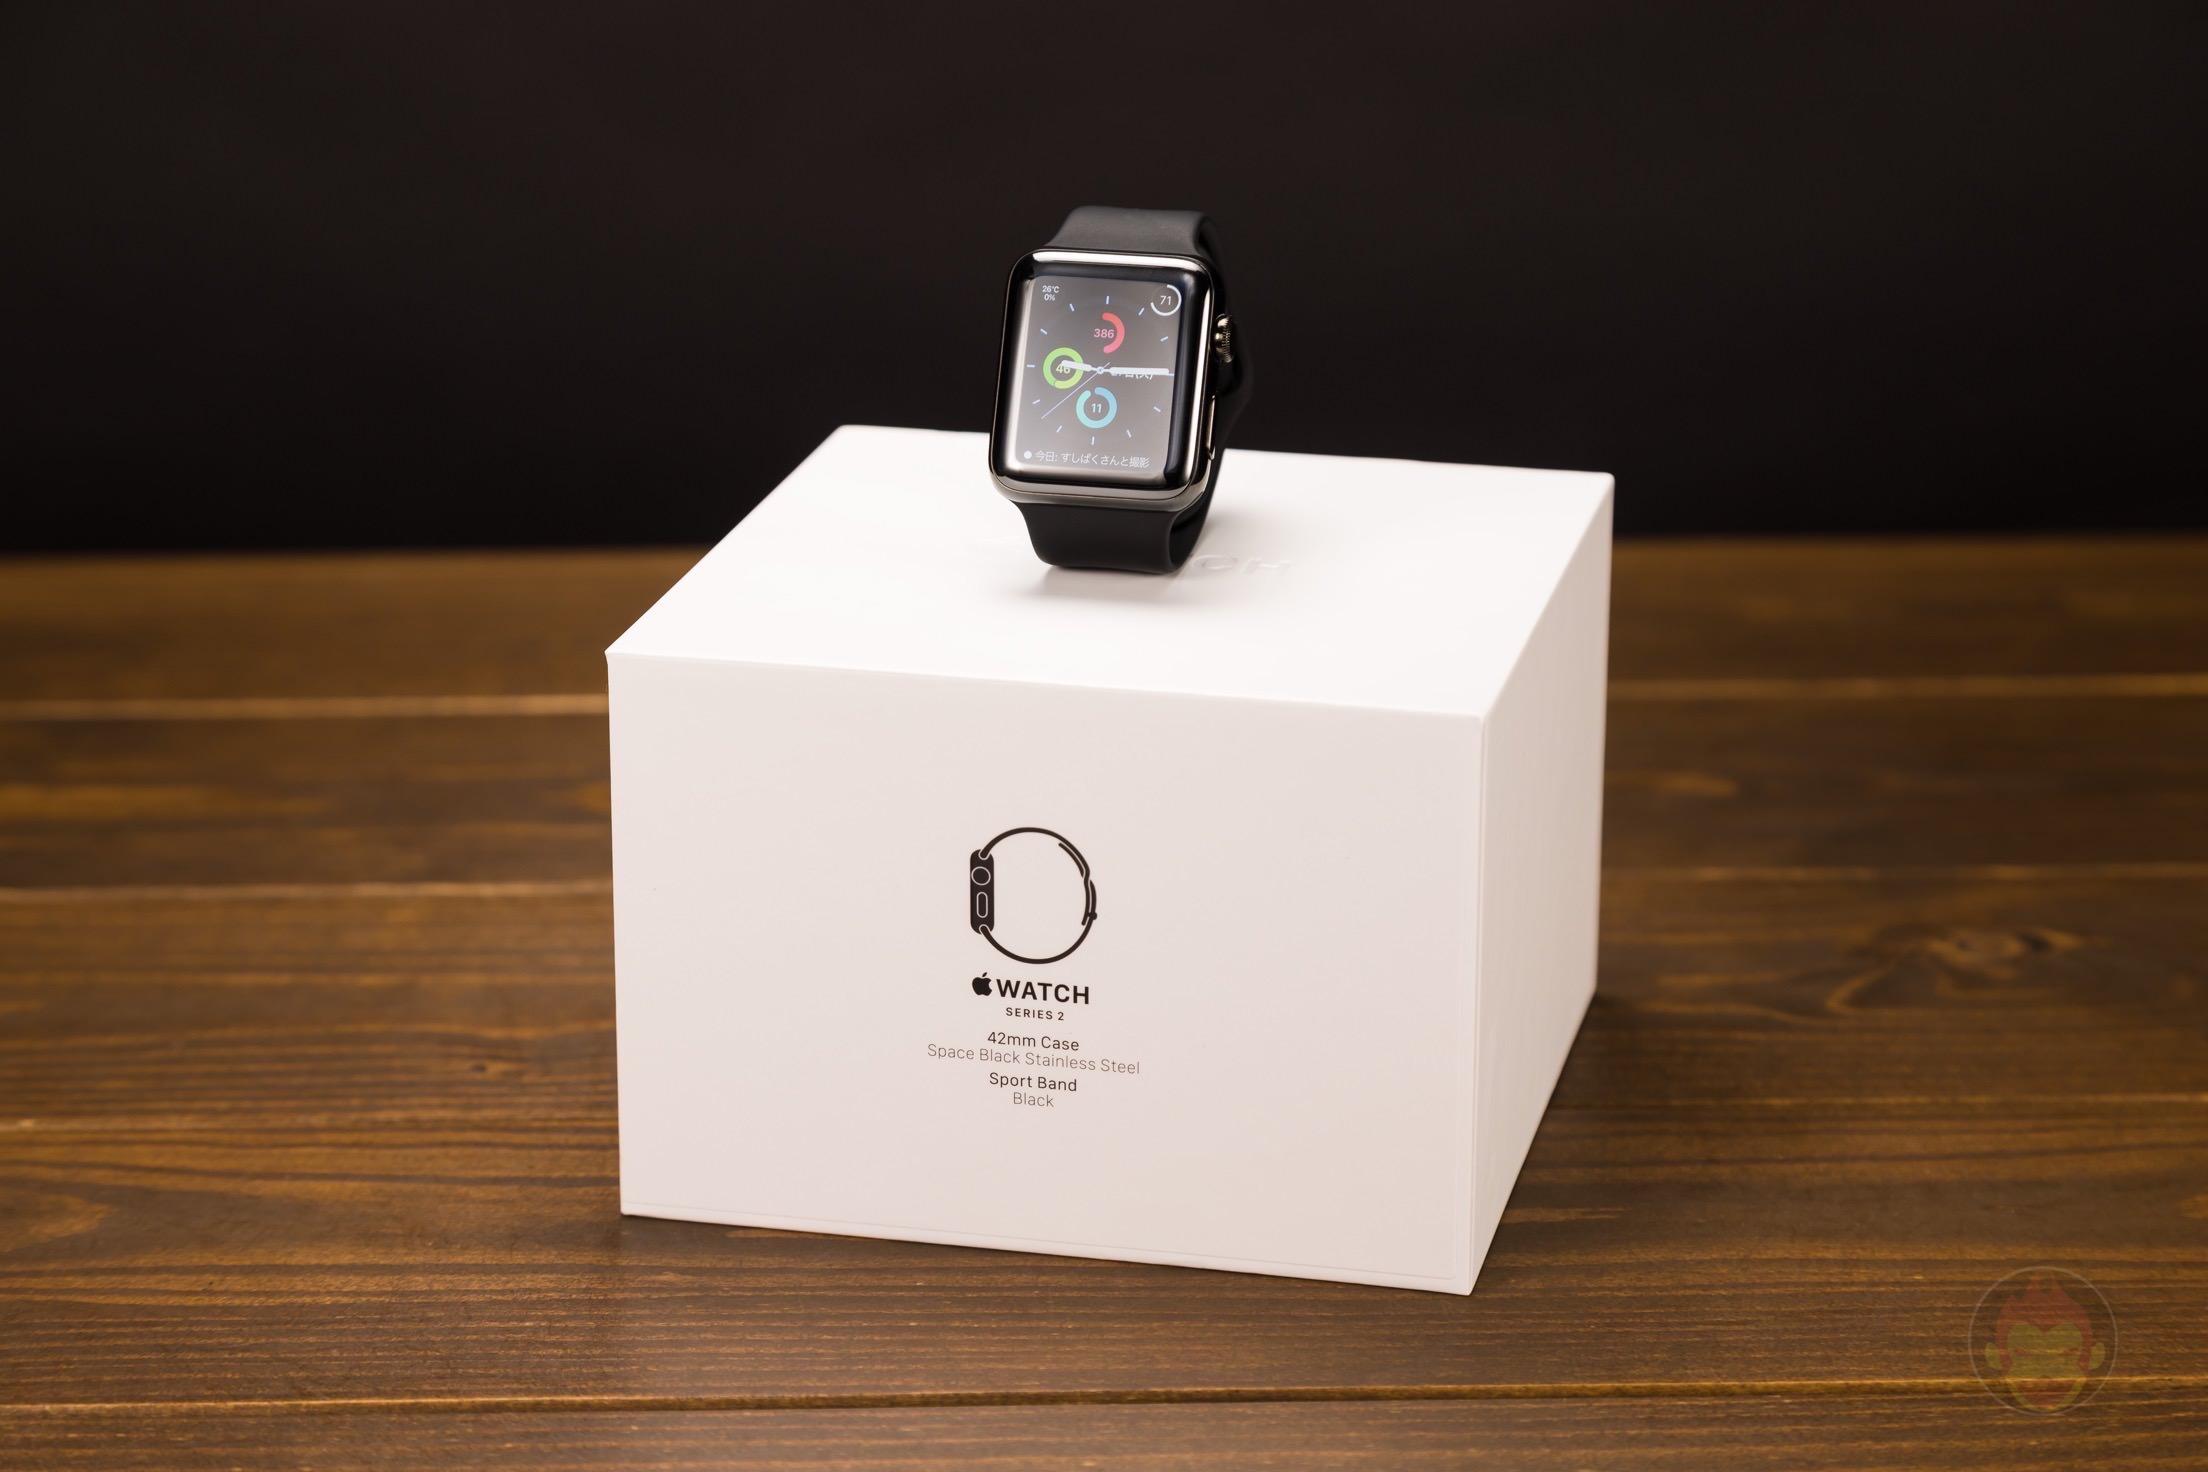 Apple-Watch-Series-2-Review-04.jpg